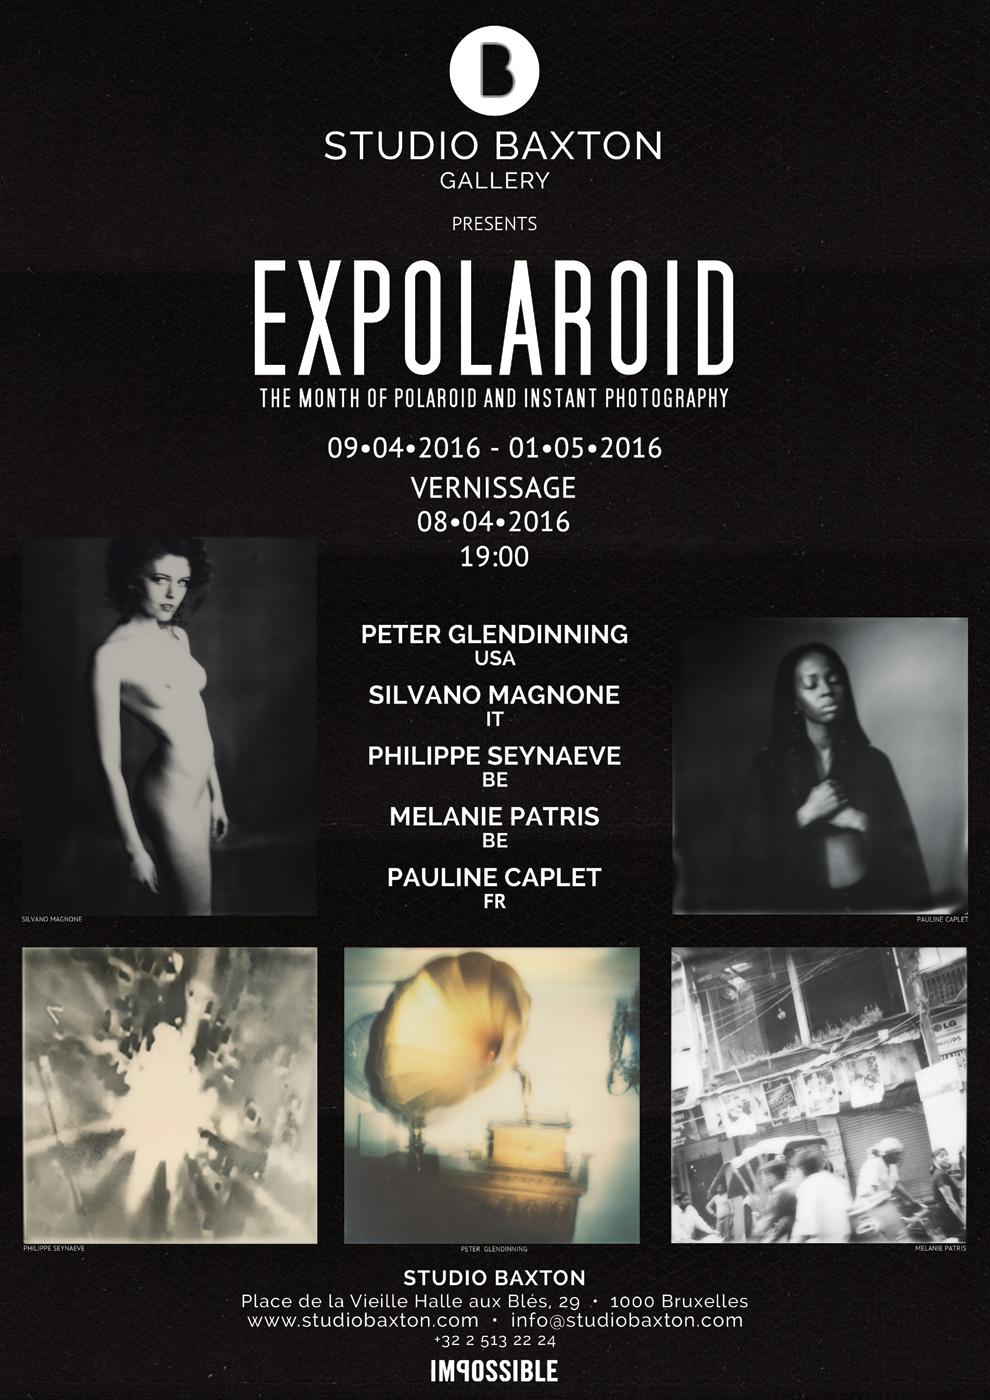 Expolaroid baxton 2016